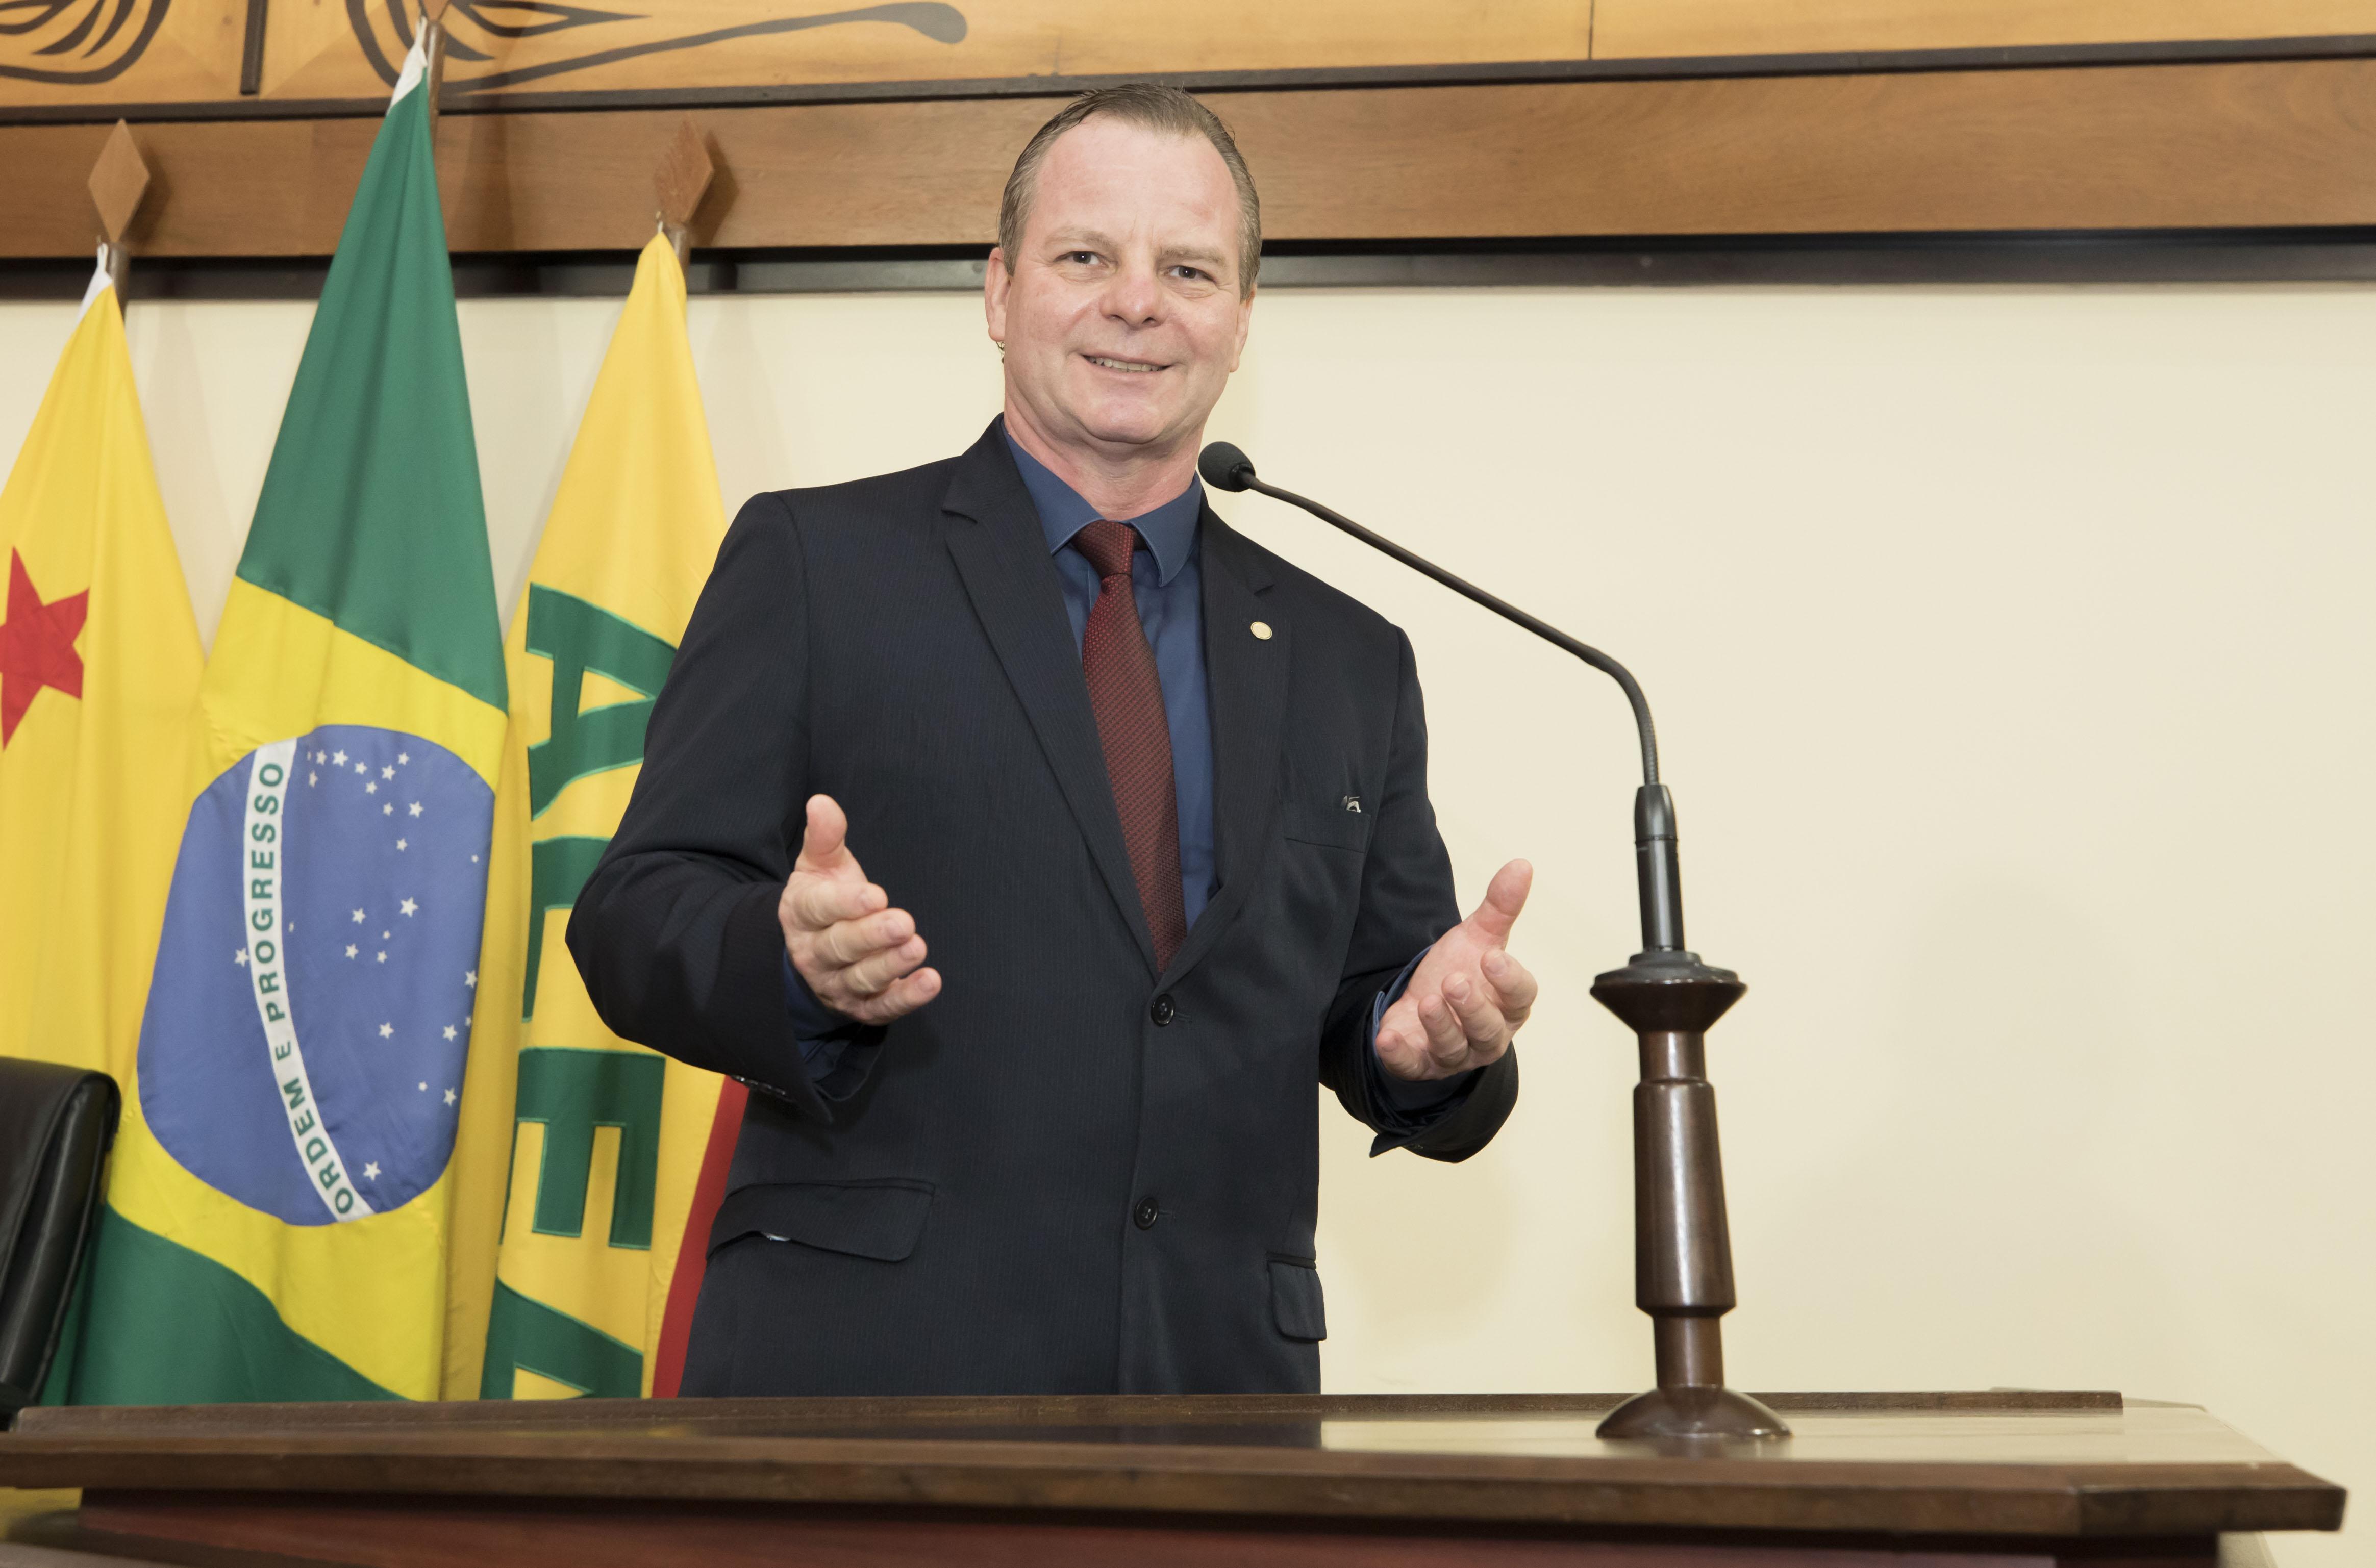 Pedro Longo propõe trégua política e ajuda mútua nesse primeiro semestre